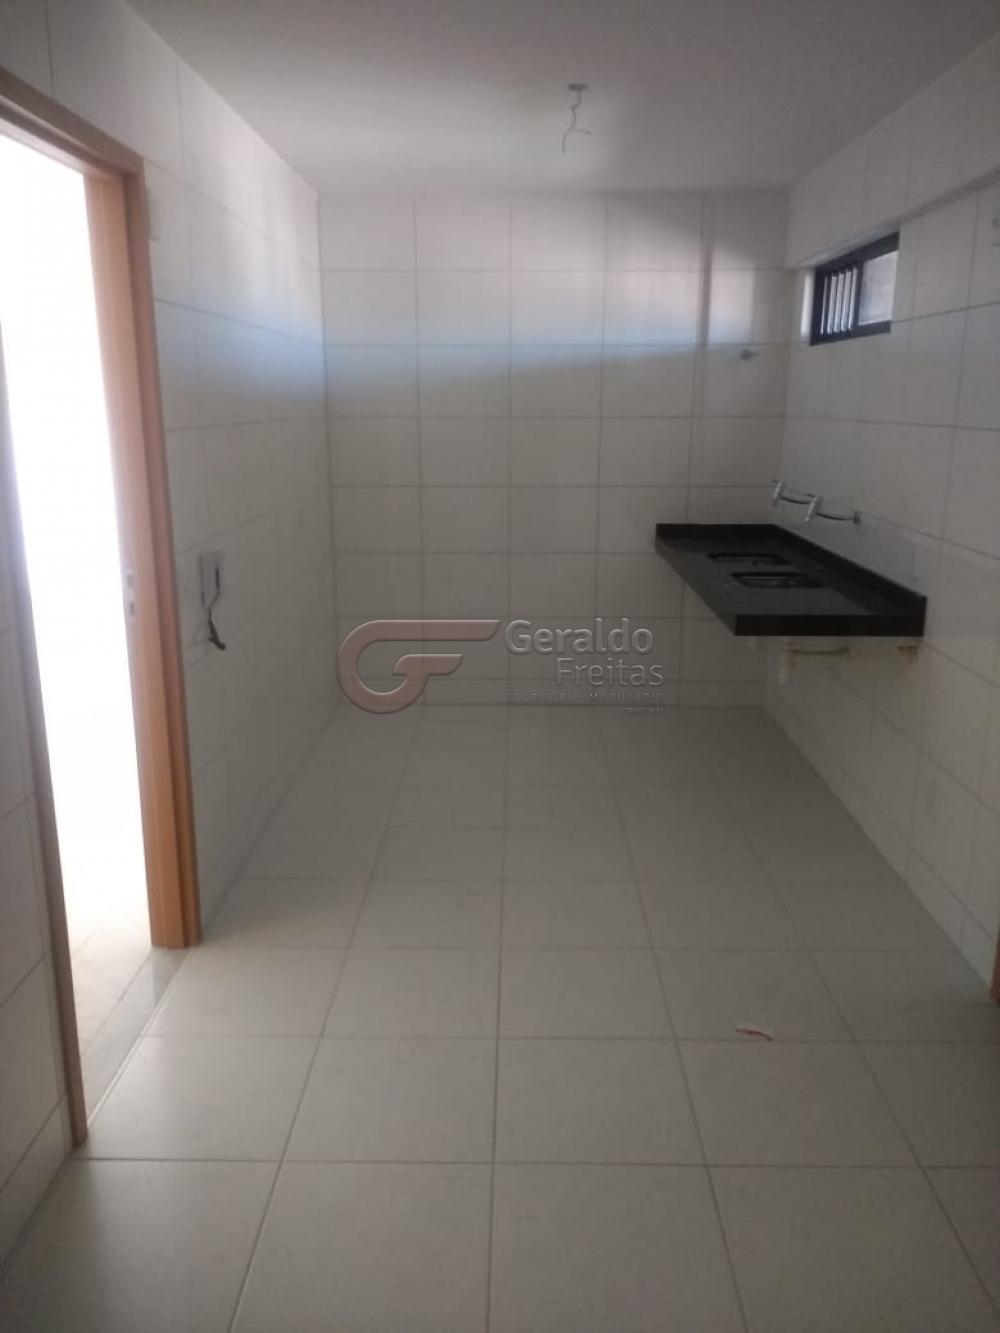 Comprar Apartamentos / Padrão em Maceió apenas R$ 770.000,00 - Foto 13